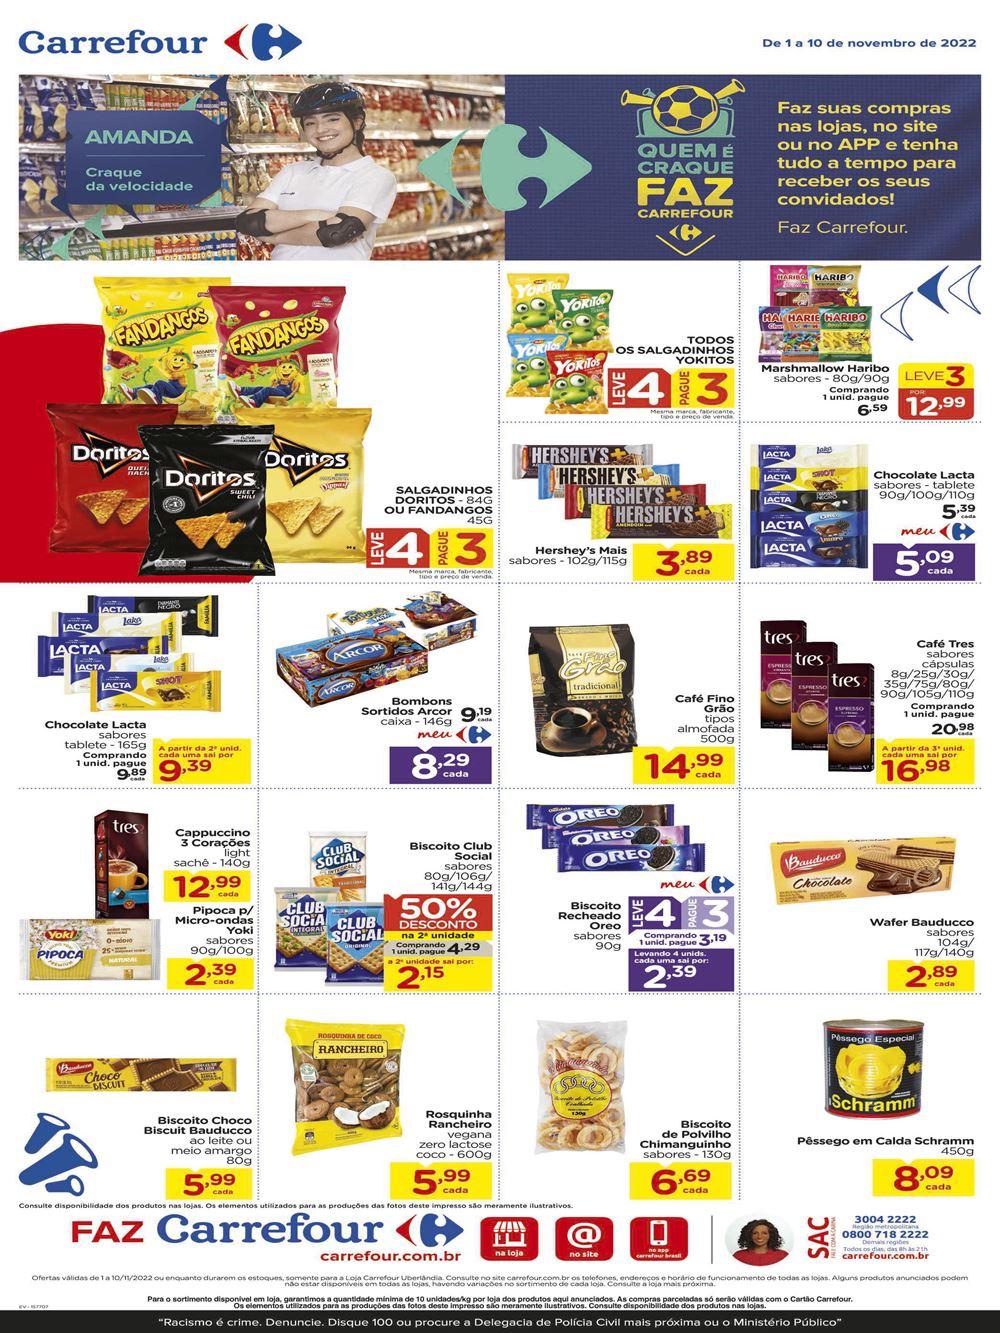 carrefour-ofertas-descontos-hoje3-22 Black Friday Ofertas do Carrefour